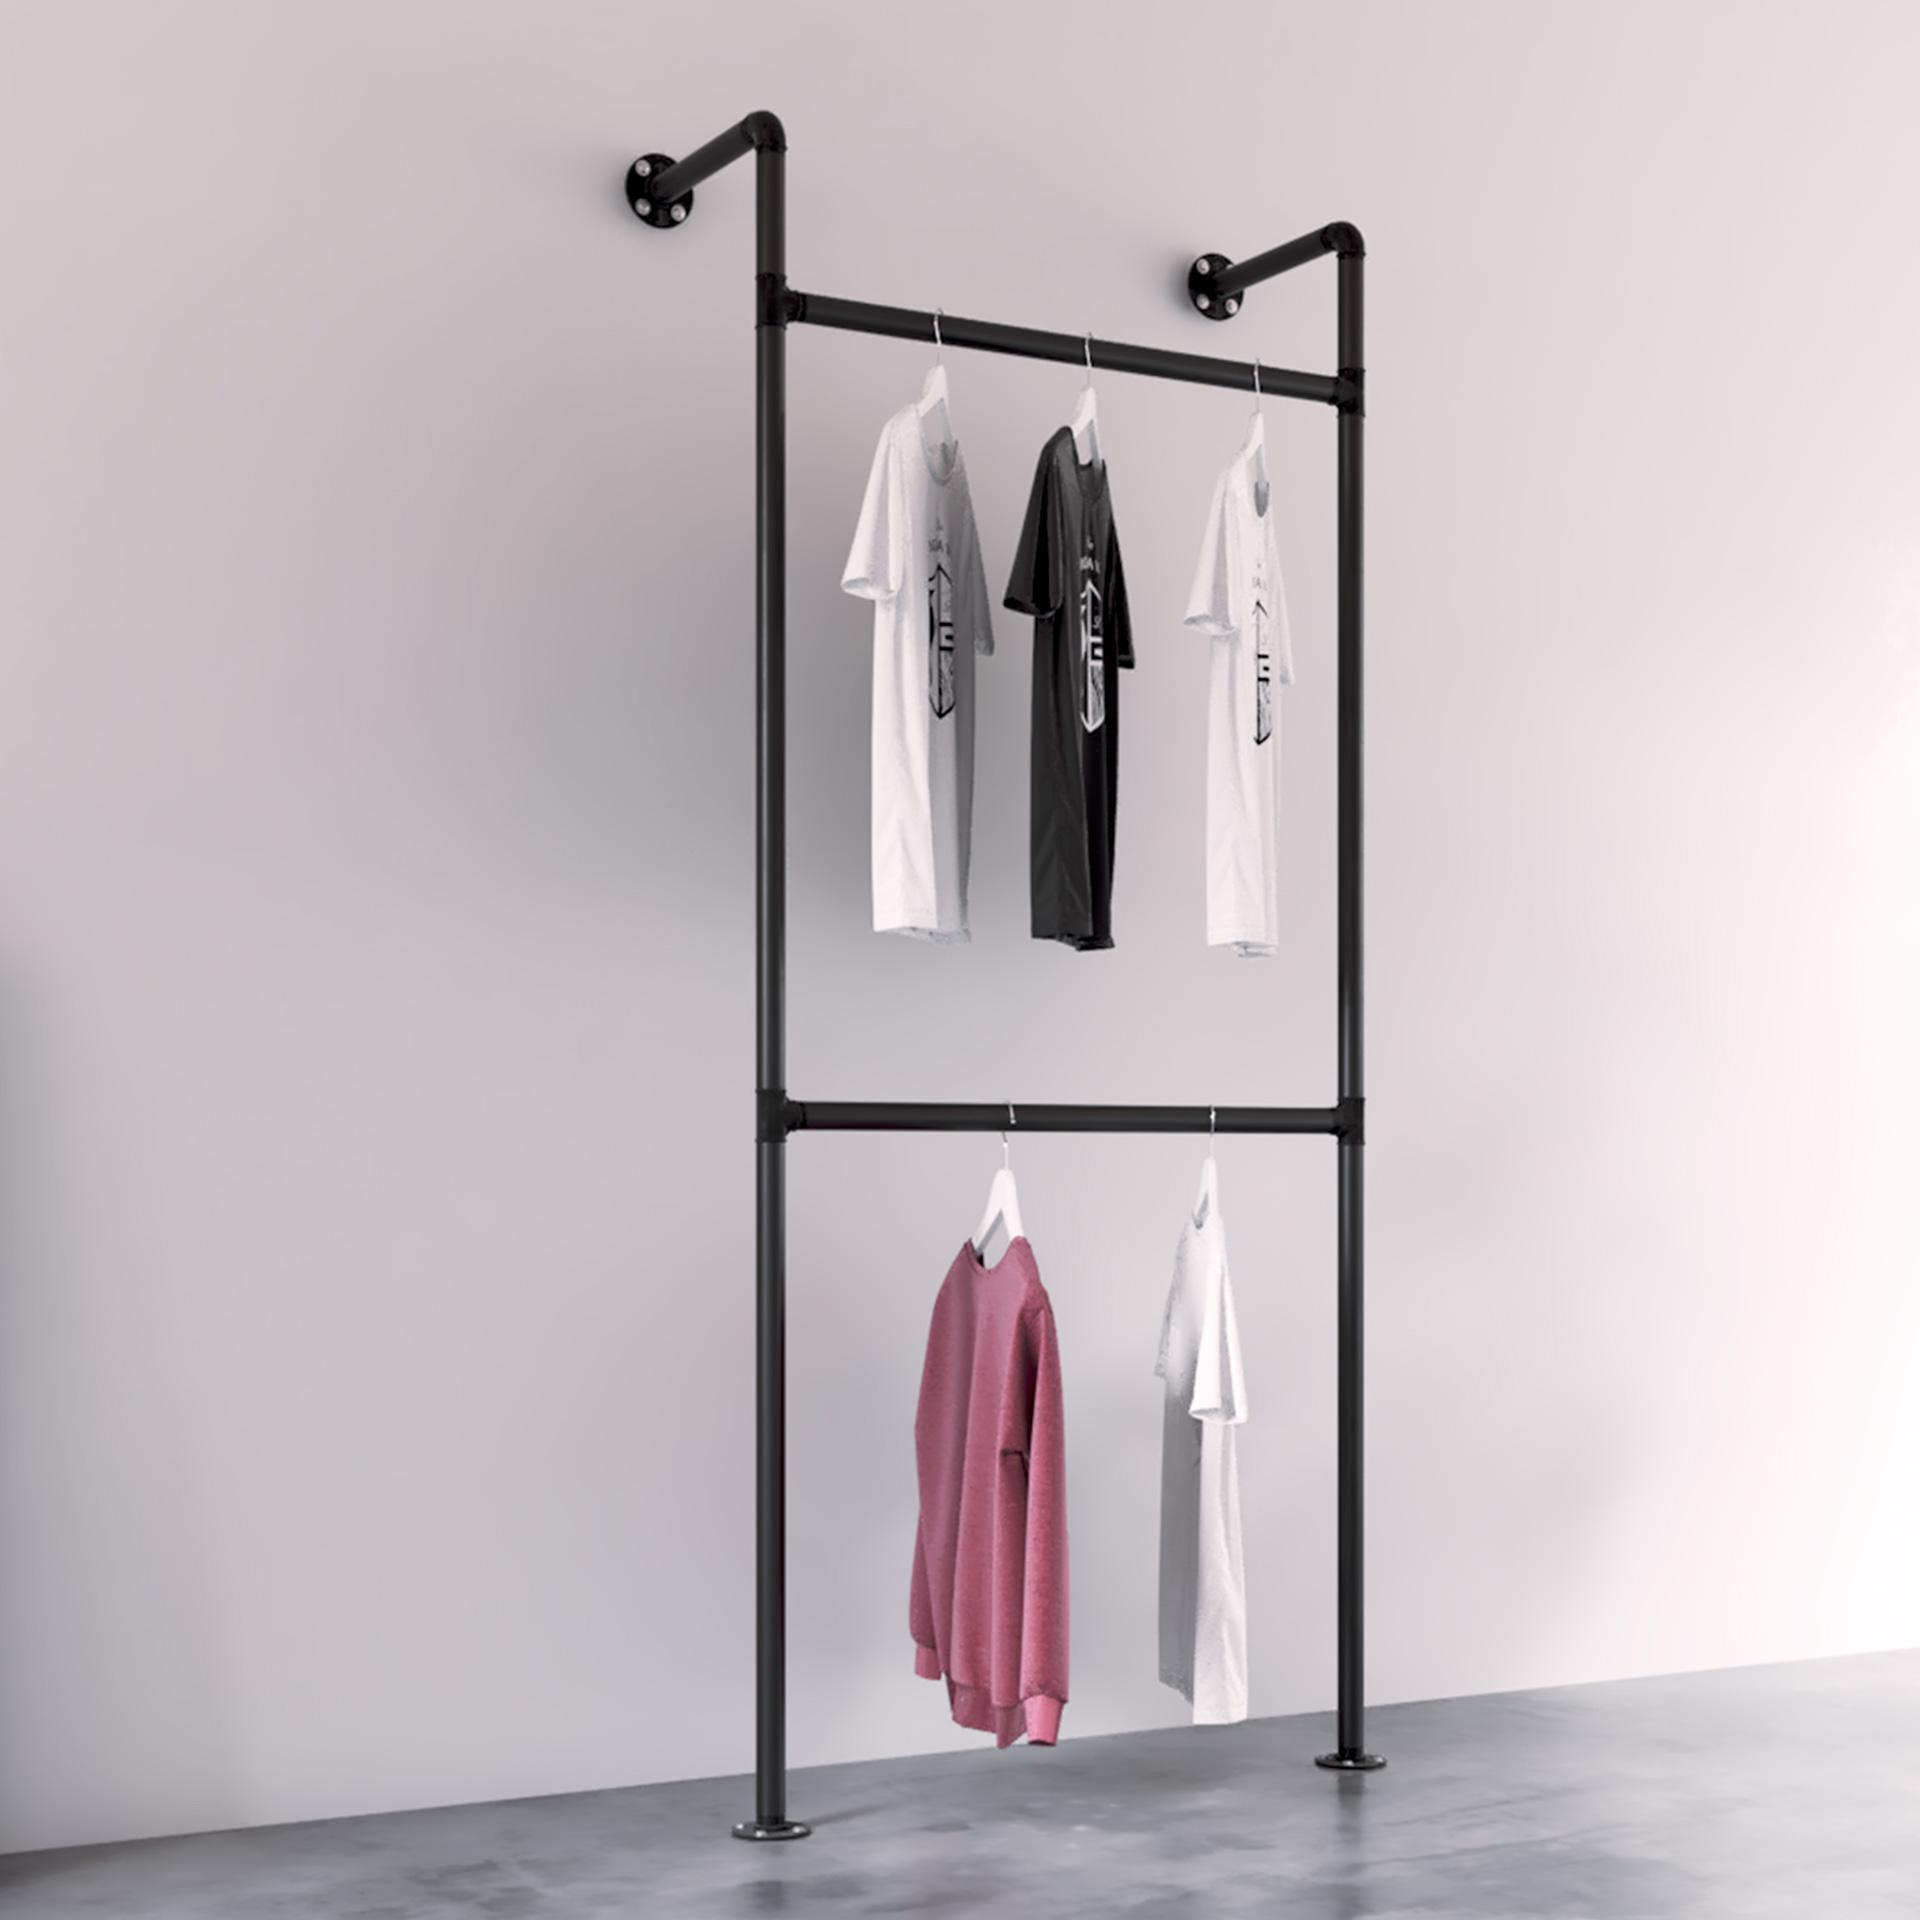 nueva estilos Venta de liquidación 2019 detalles para ▷Tendencia en Burros de ropa para tienda y Percheros◁ A medida